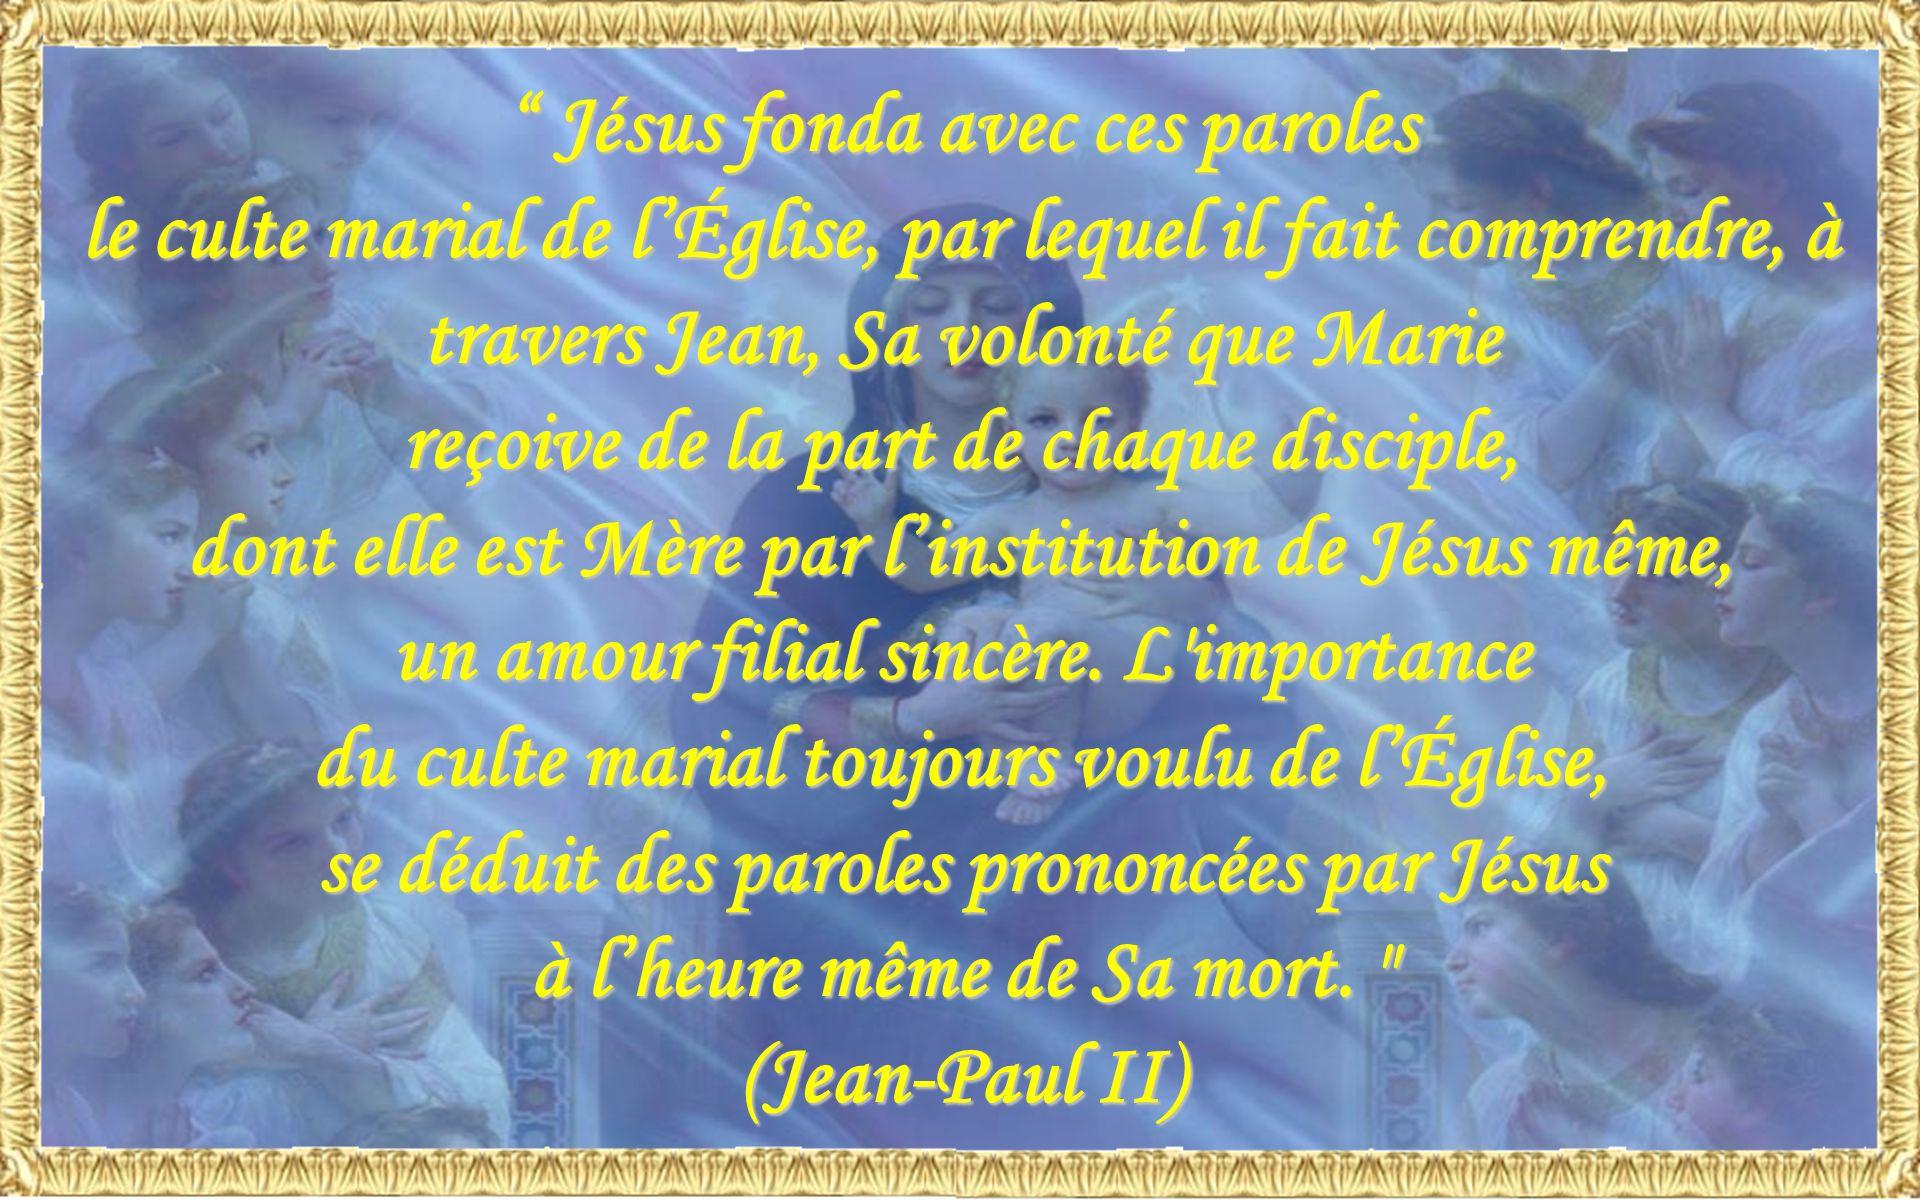 Jésus fonda avec ces paroles